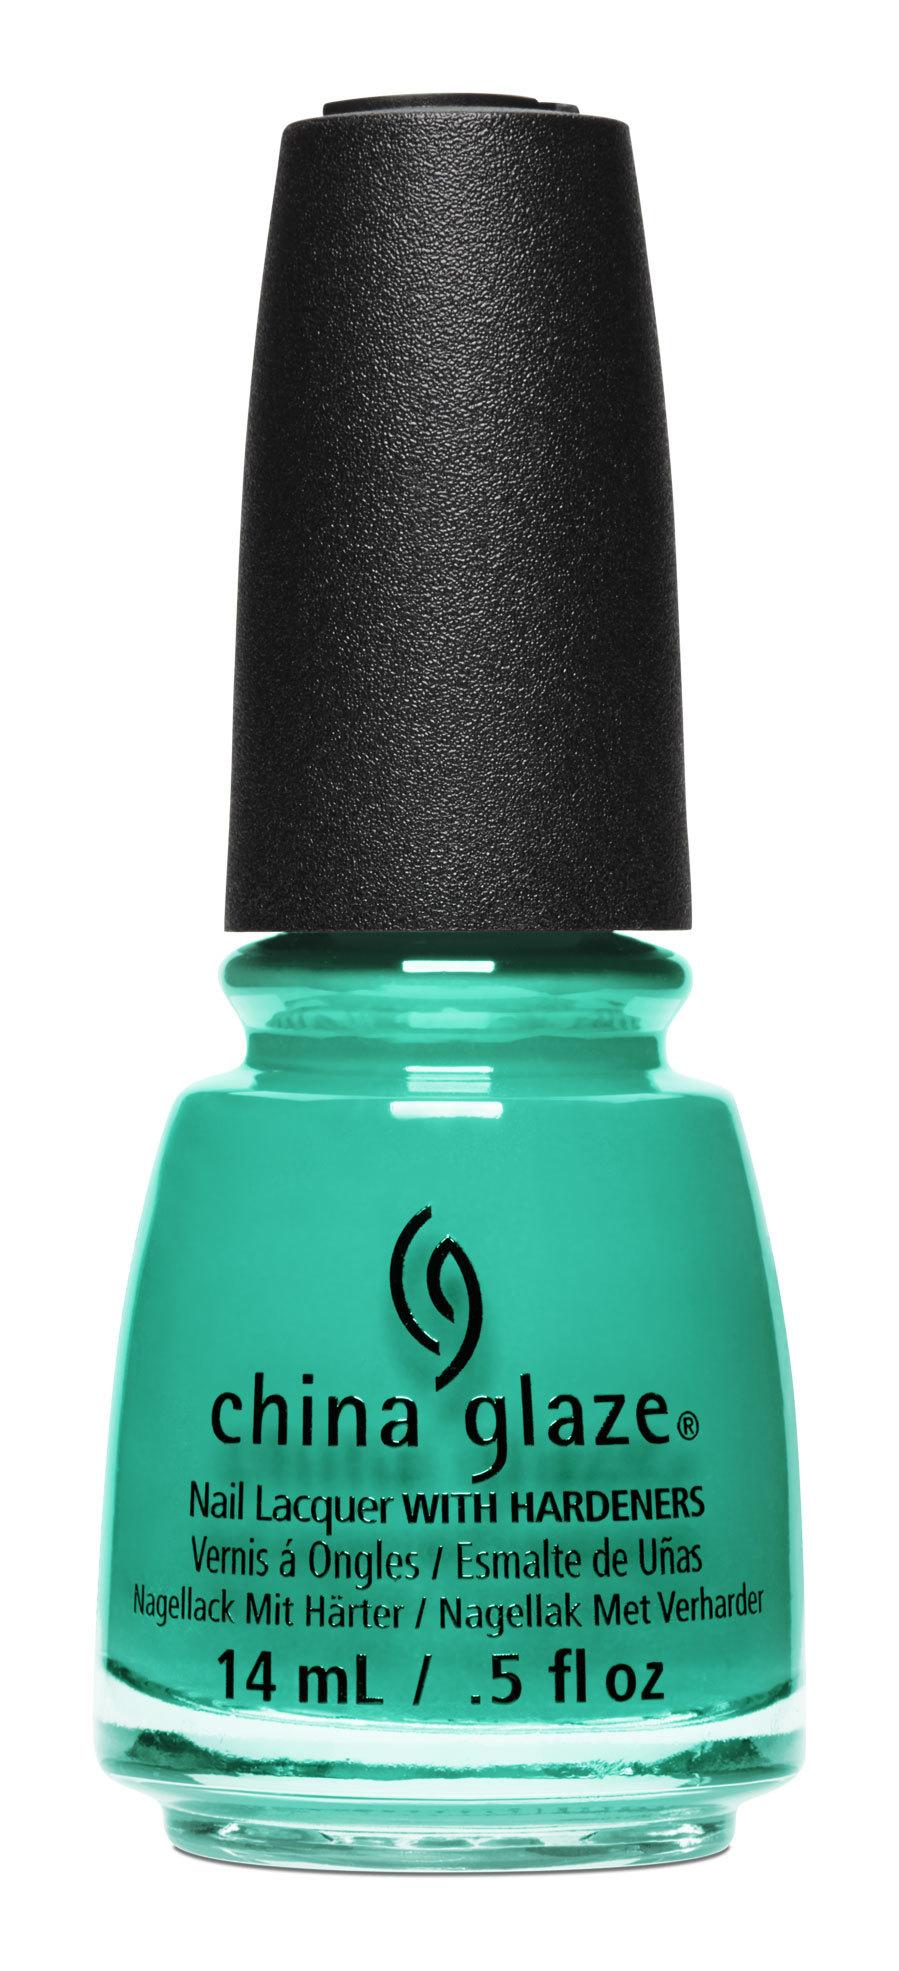 Chic Physique de China Glaze